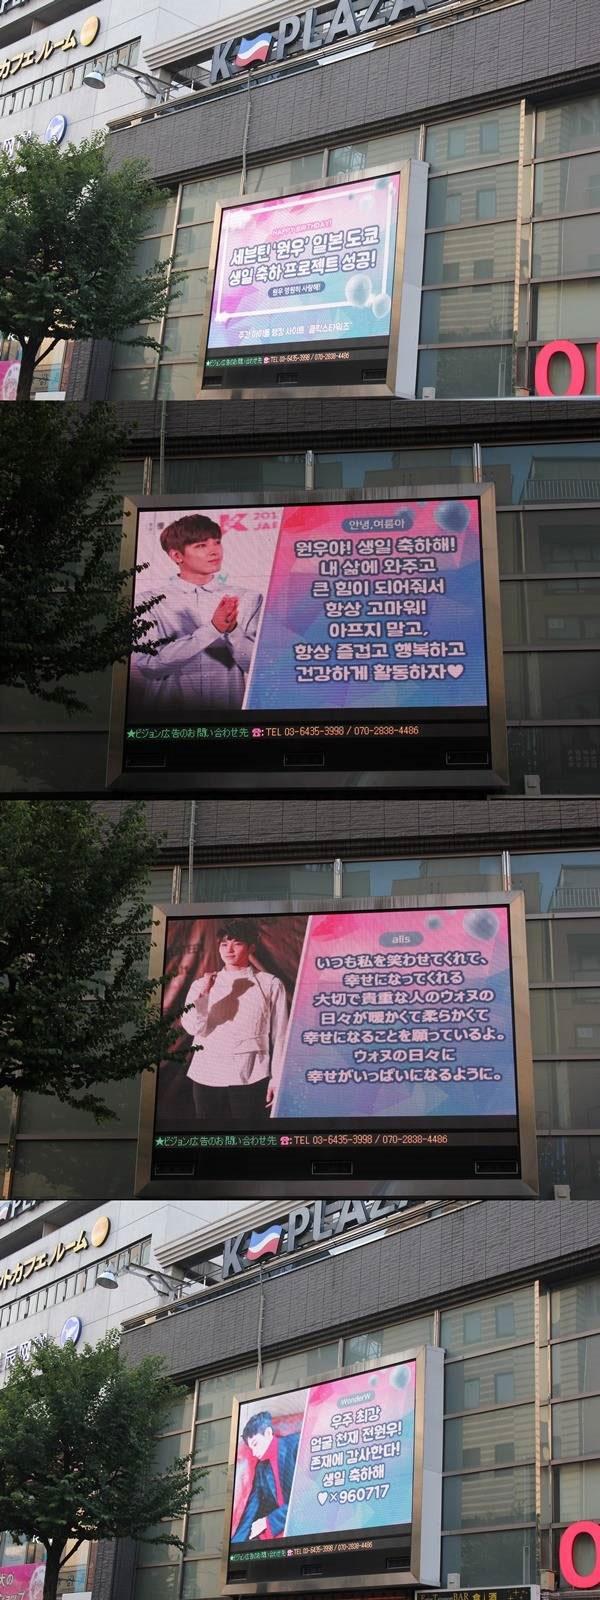 日本と韓国のファンがSEVENTEEN ウォヌの誕生日を祝った。|Click! StarWars